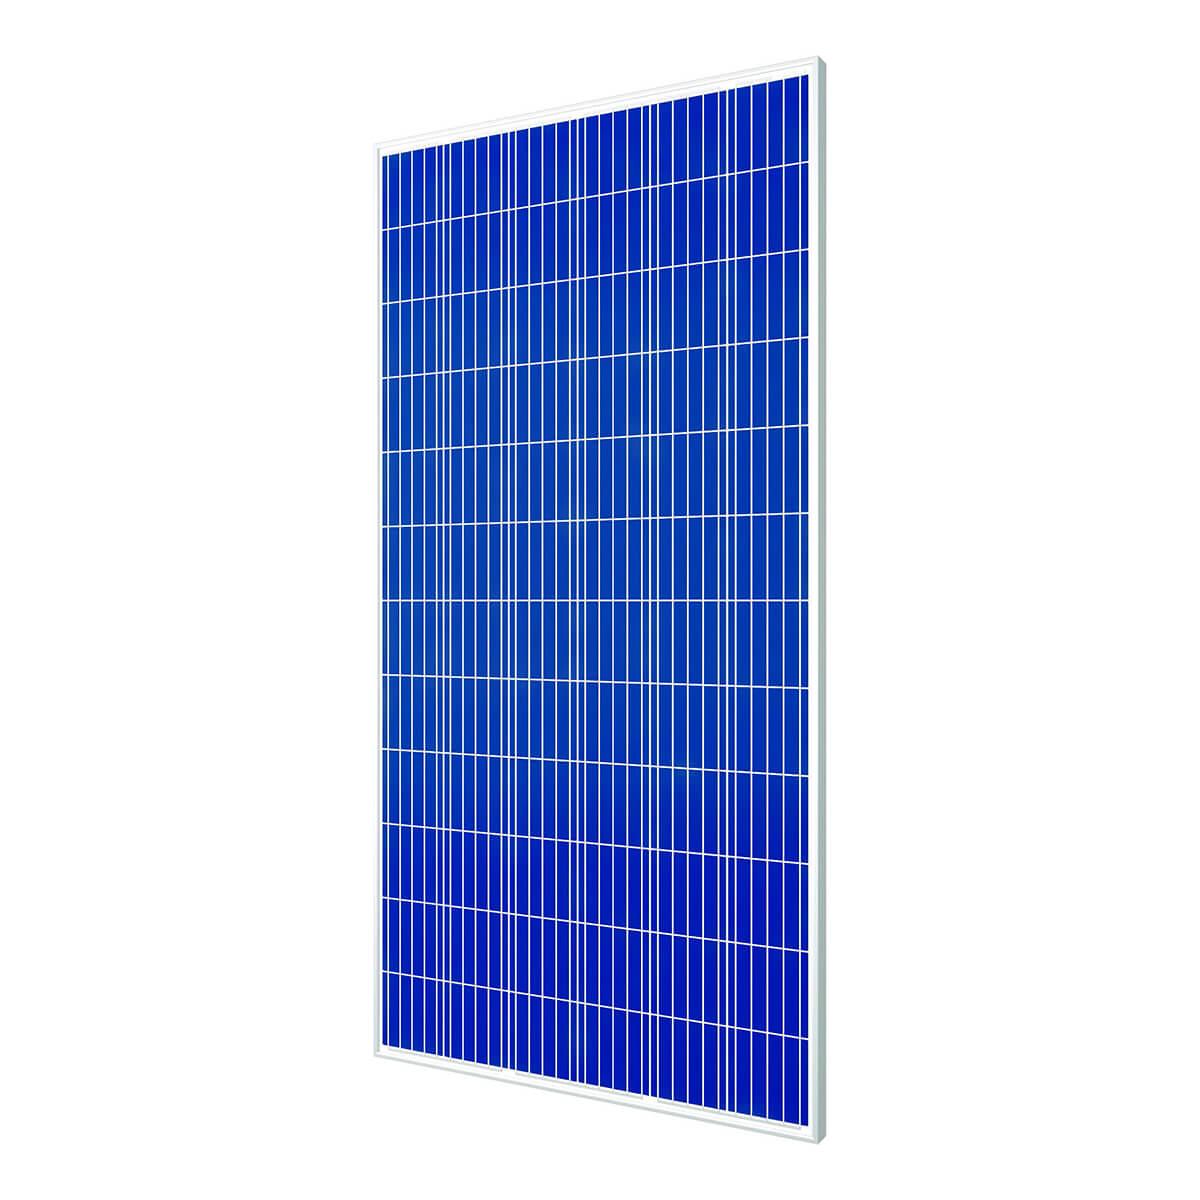 tommatech 340W panel, tommatech 340Watt panel, tommatech 340 W panel, tommatech 340 Watt panel, tommatech 340 Watt polikristal panel, tommatech 340 W watt gunes paneli, tommatech 340 W watt polikristal gunes paneli, tommatech 340 W Watt fotovoltaik polikristal solar panel, tommatech 340W polikristal gunes enerjisi, tommatech TT340-72P-340W panel, TOMMATECH 340 WATT